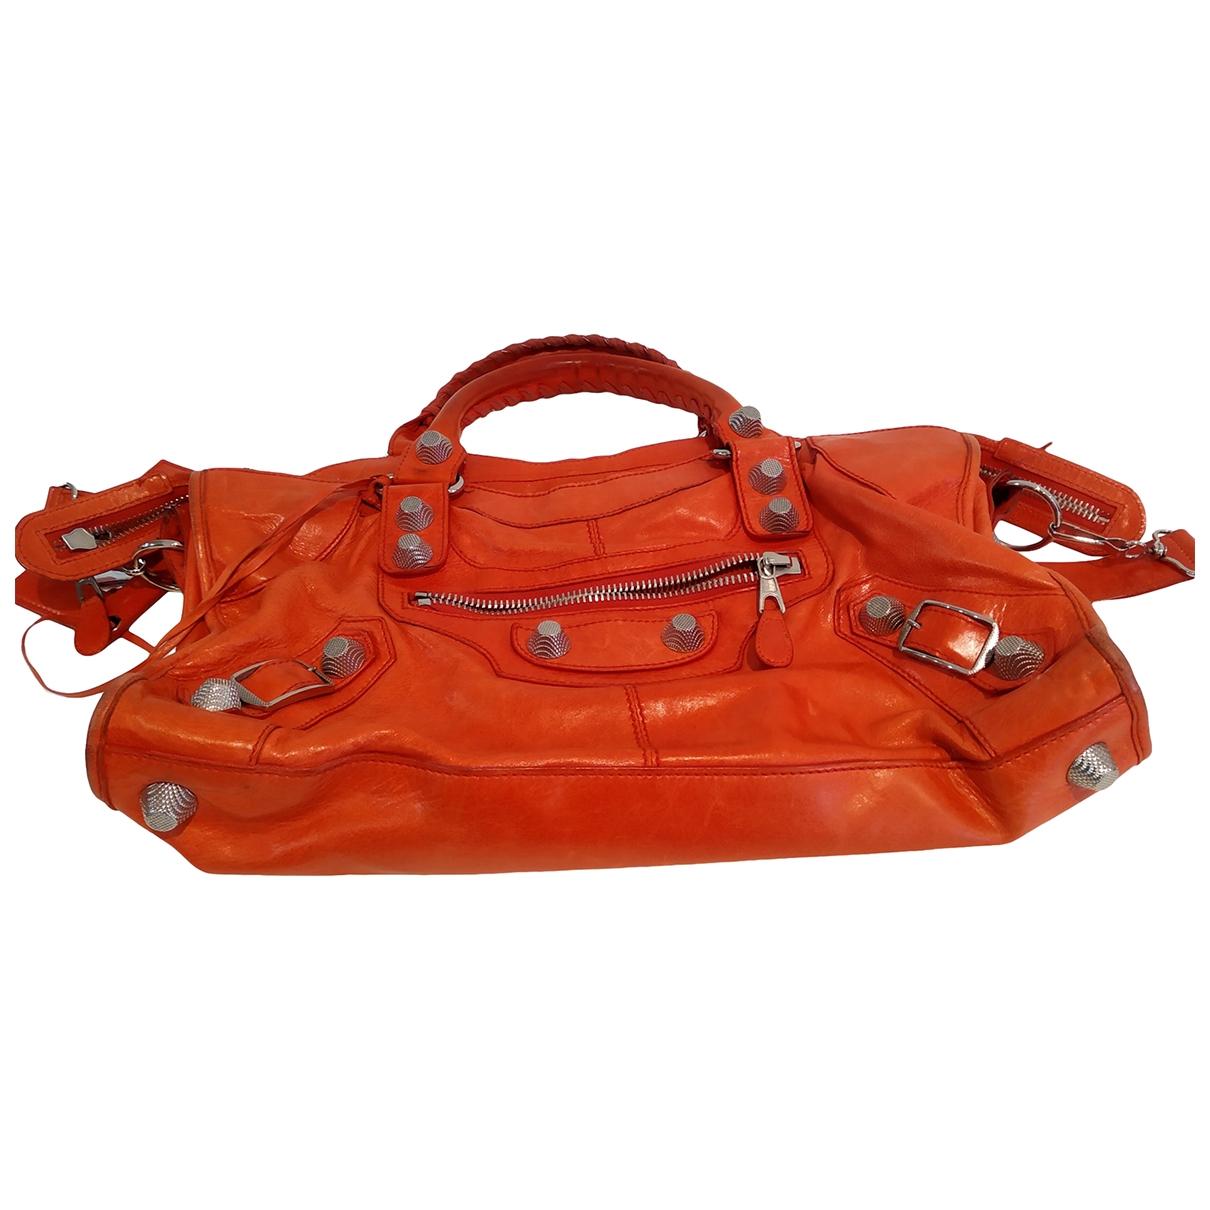 Balenciaga - Sac a main Part Time pour femme en cuir - rouge